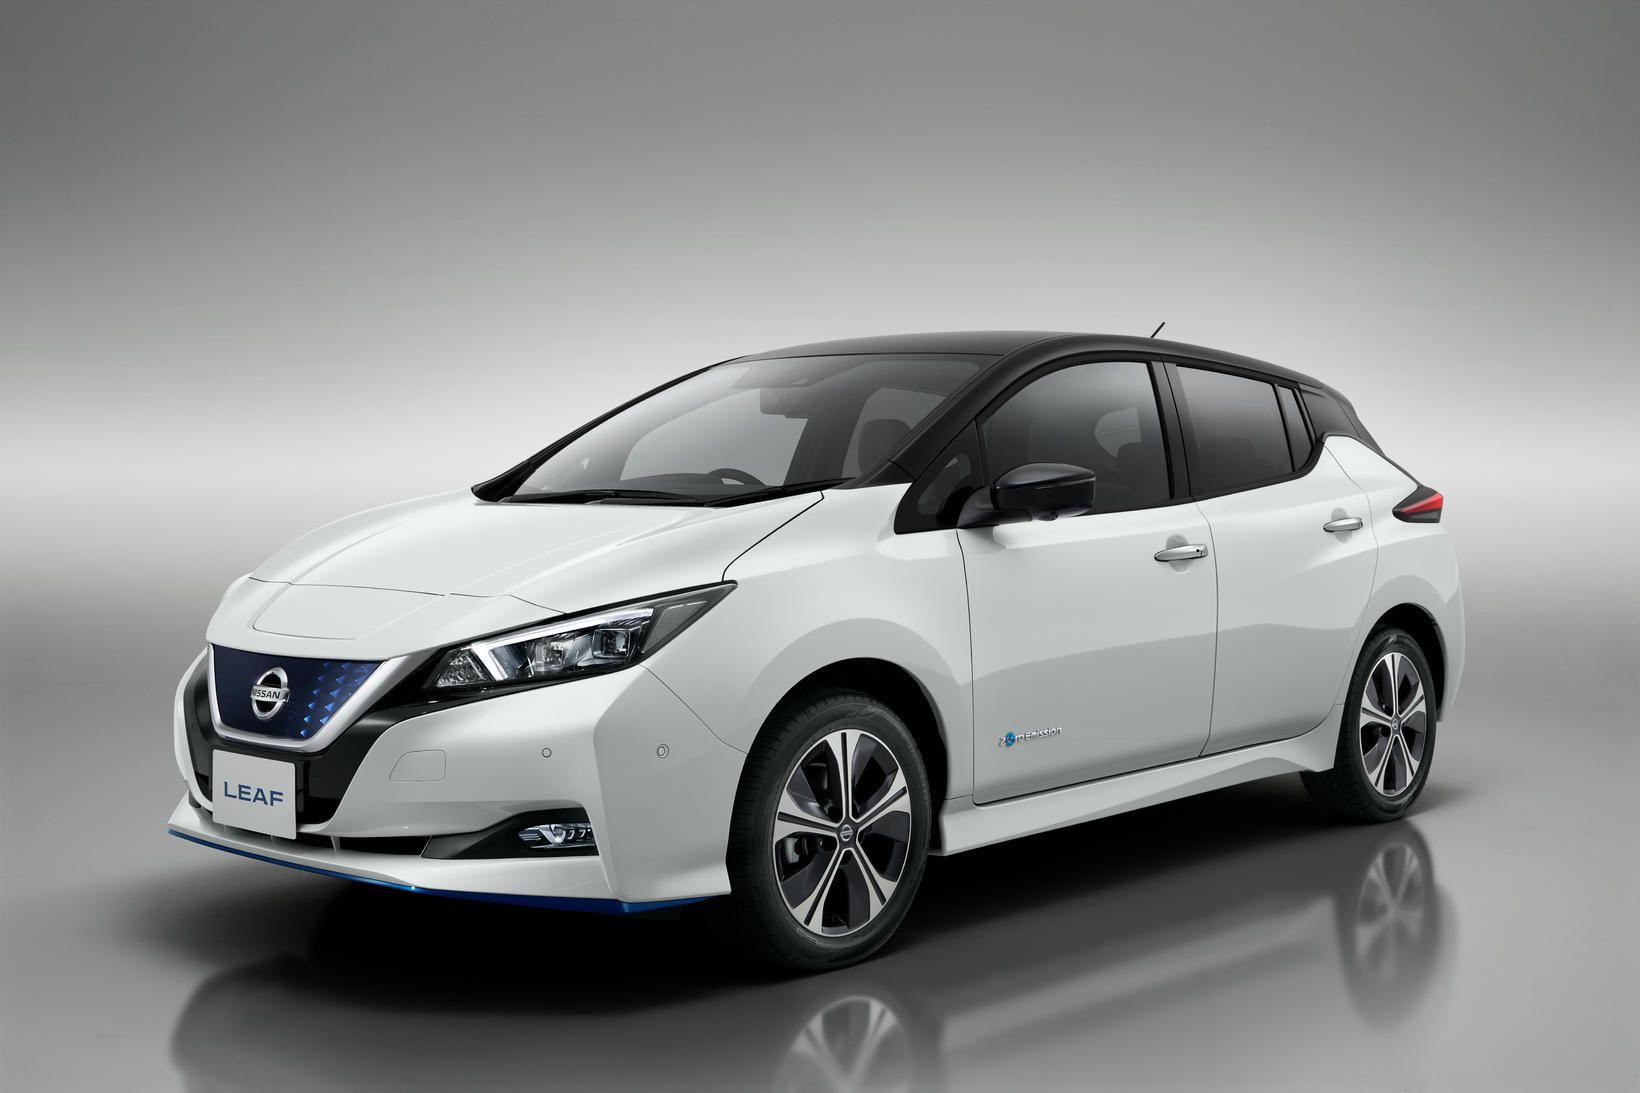 Rafbíllinn Nissan Leaf